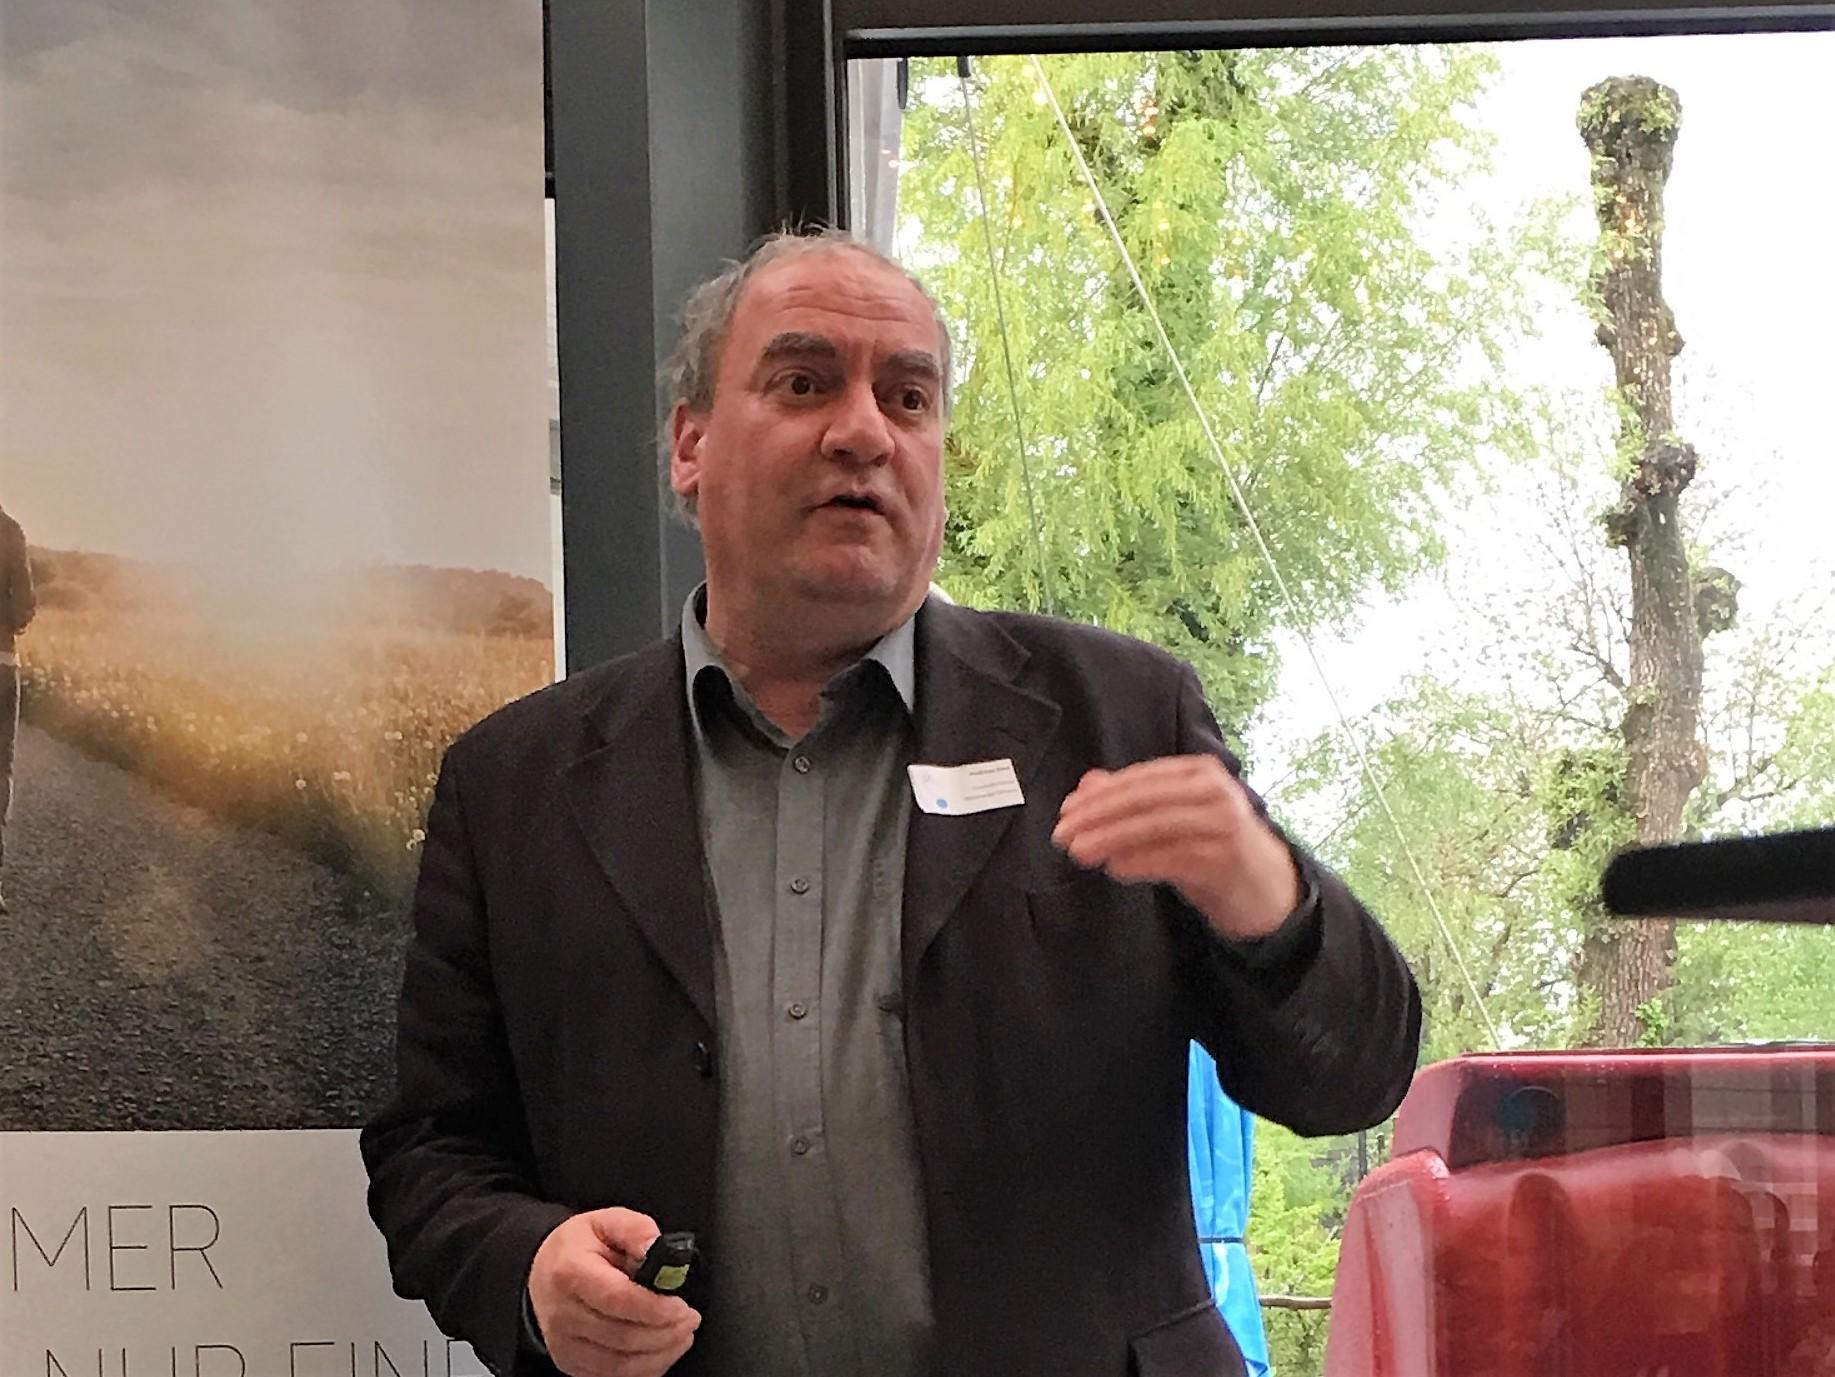 Andreas Keel, Geschäftsführer von Holzenergie Schweiz, gibt wertvolle Tipps für Holzschnitzelanlagen.